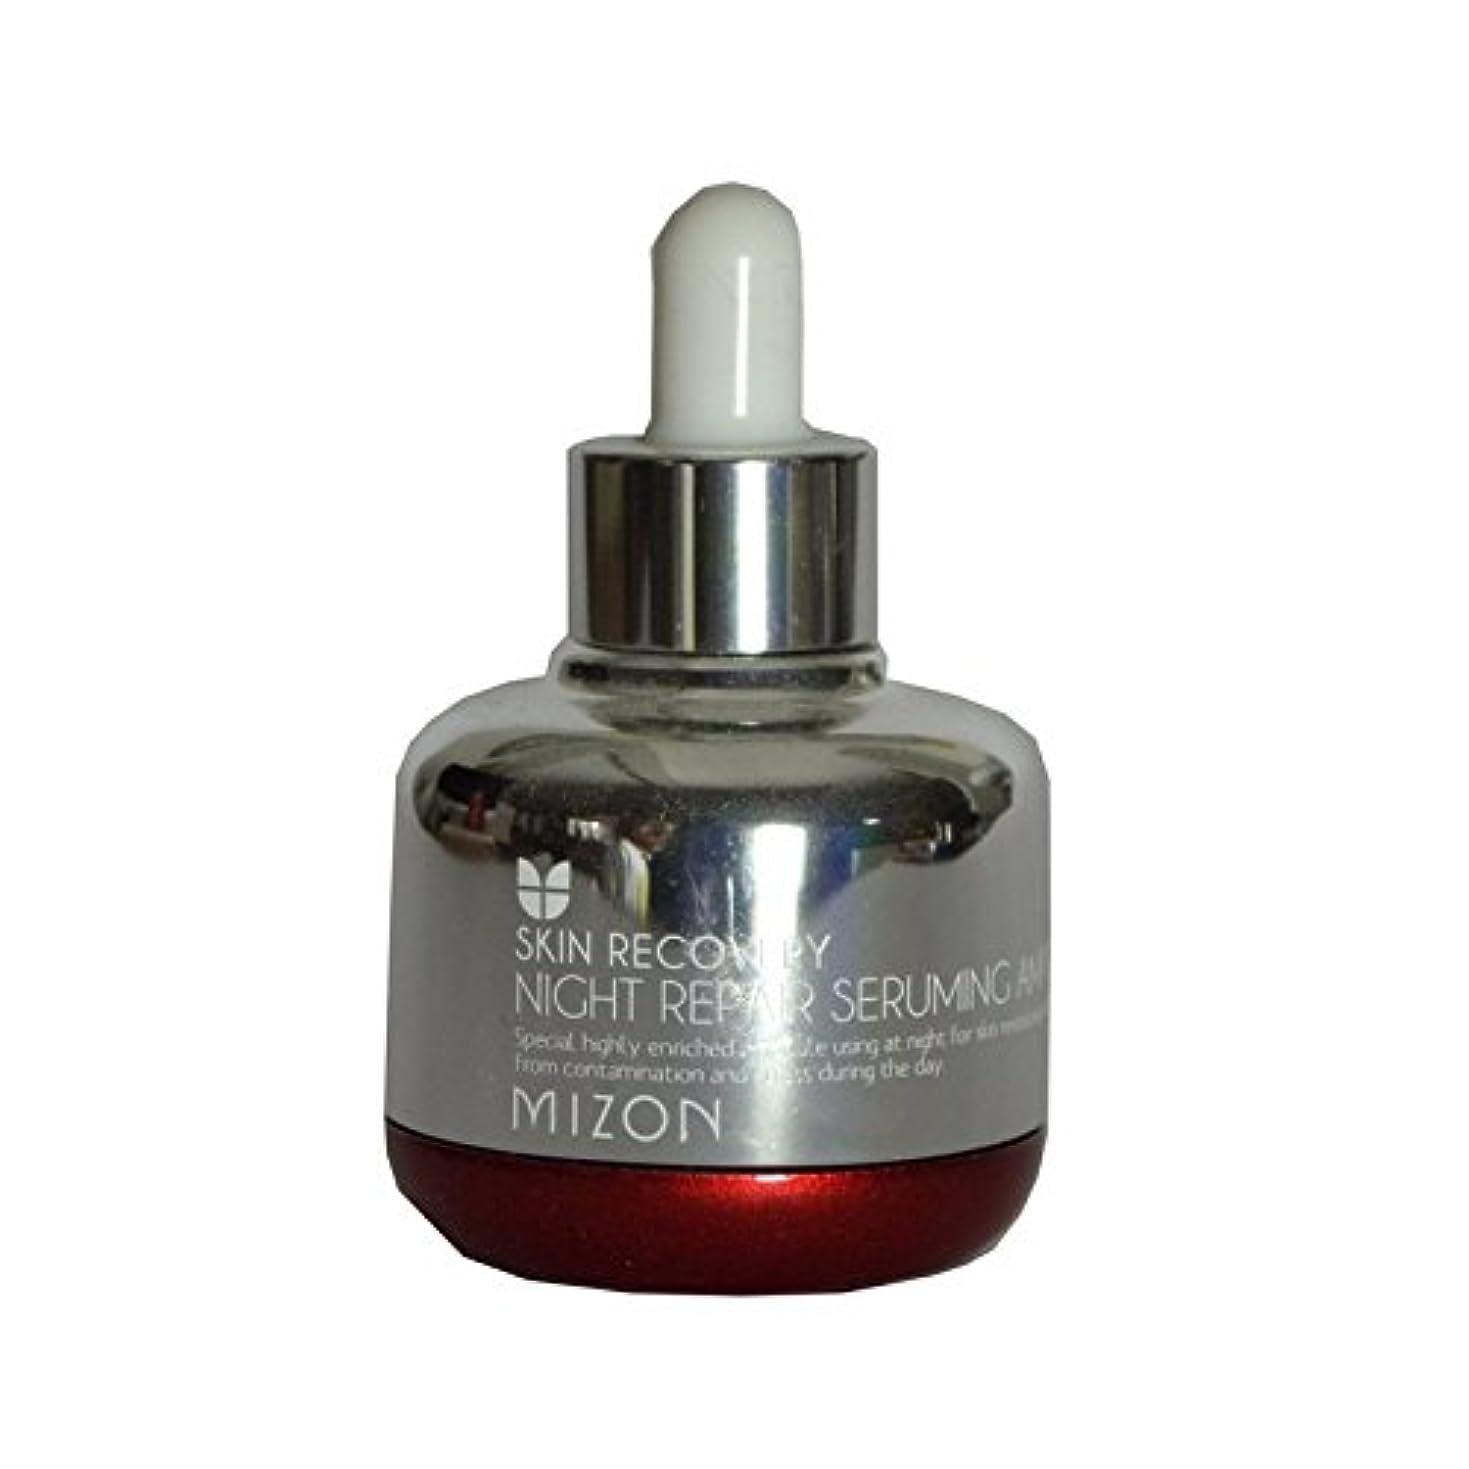 再生的ベーリング海峡異形Mizon Night Repair Seruming Ampoule - アンプルを ナイトリペア [並行輸入品]